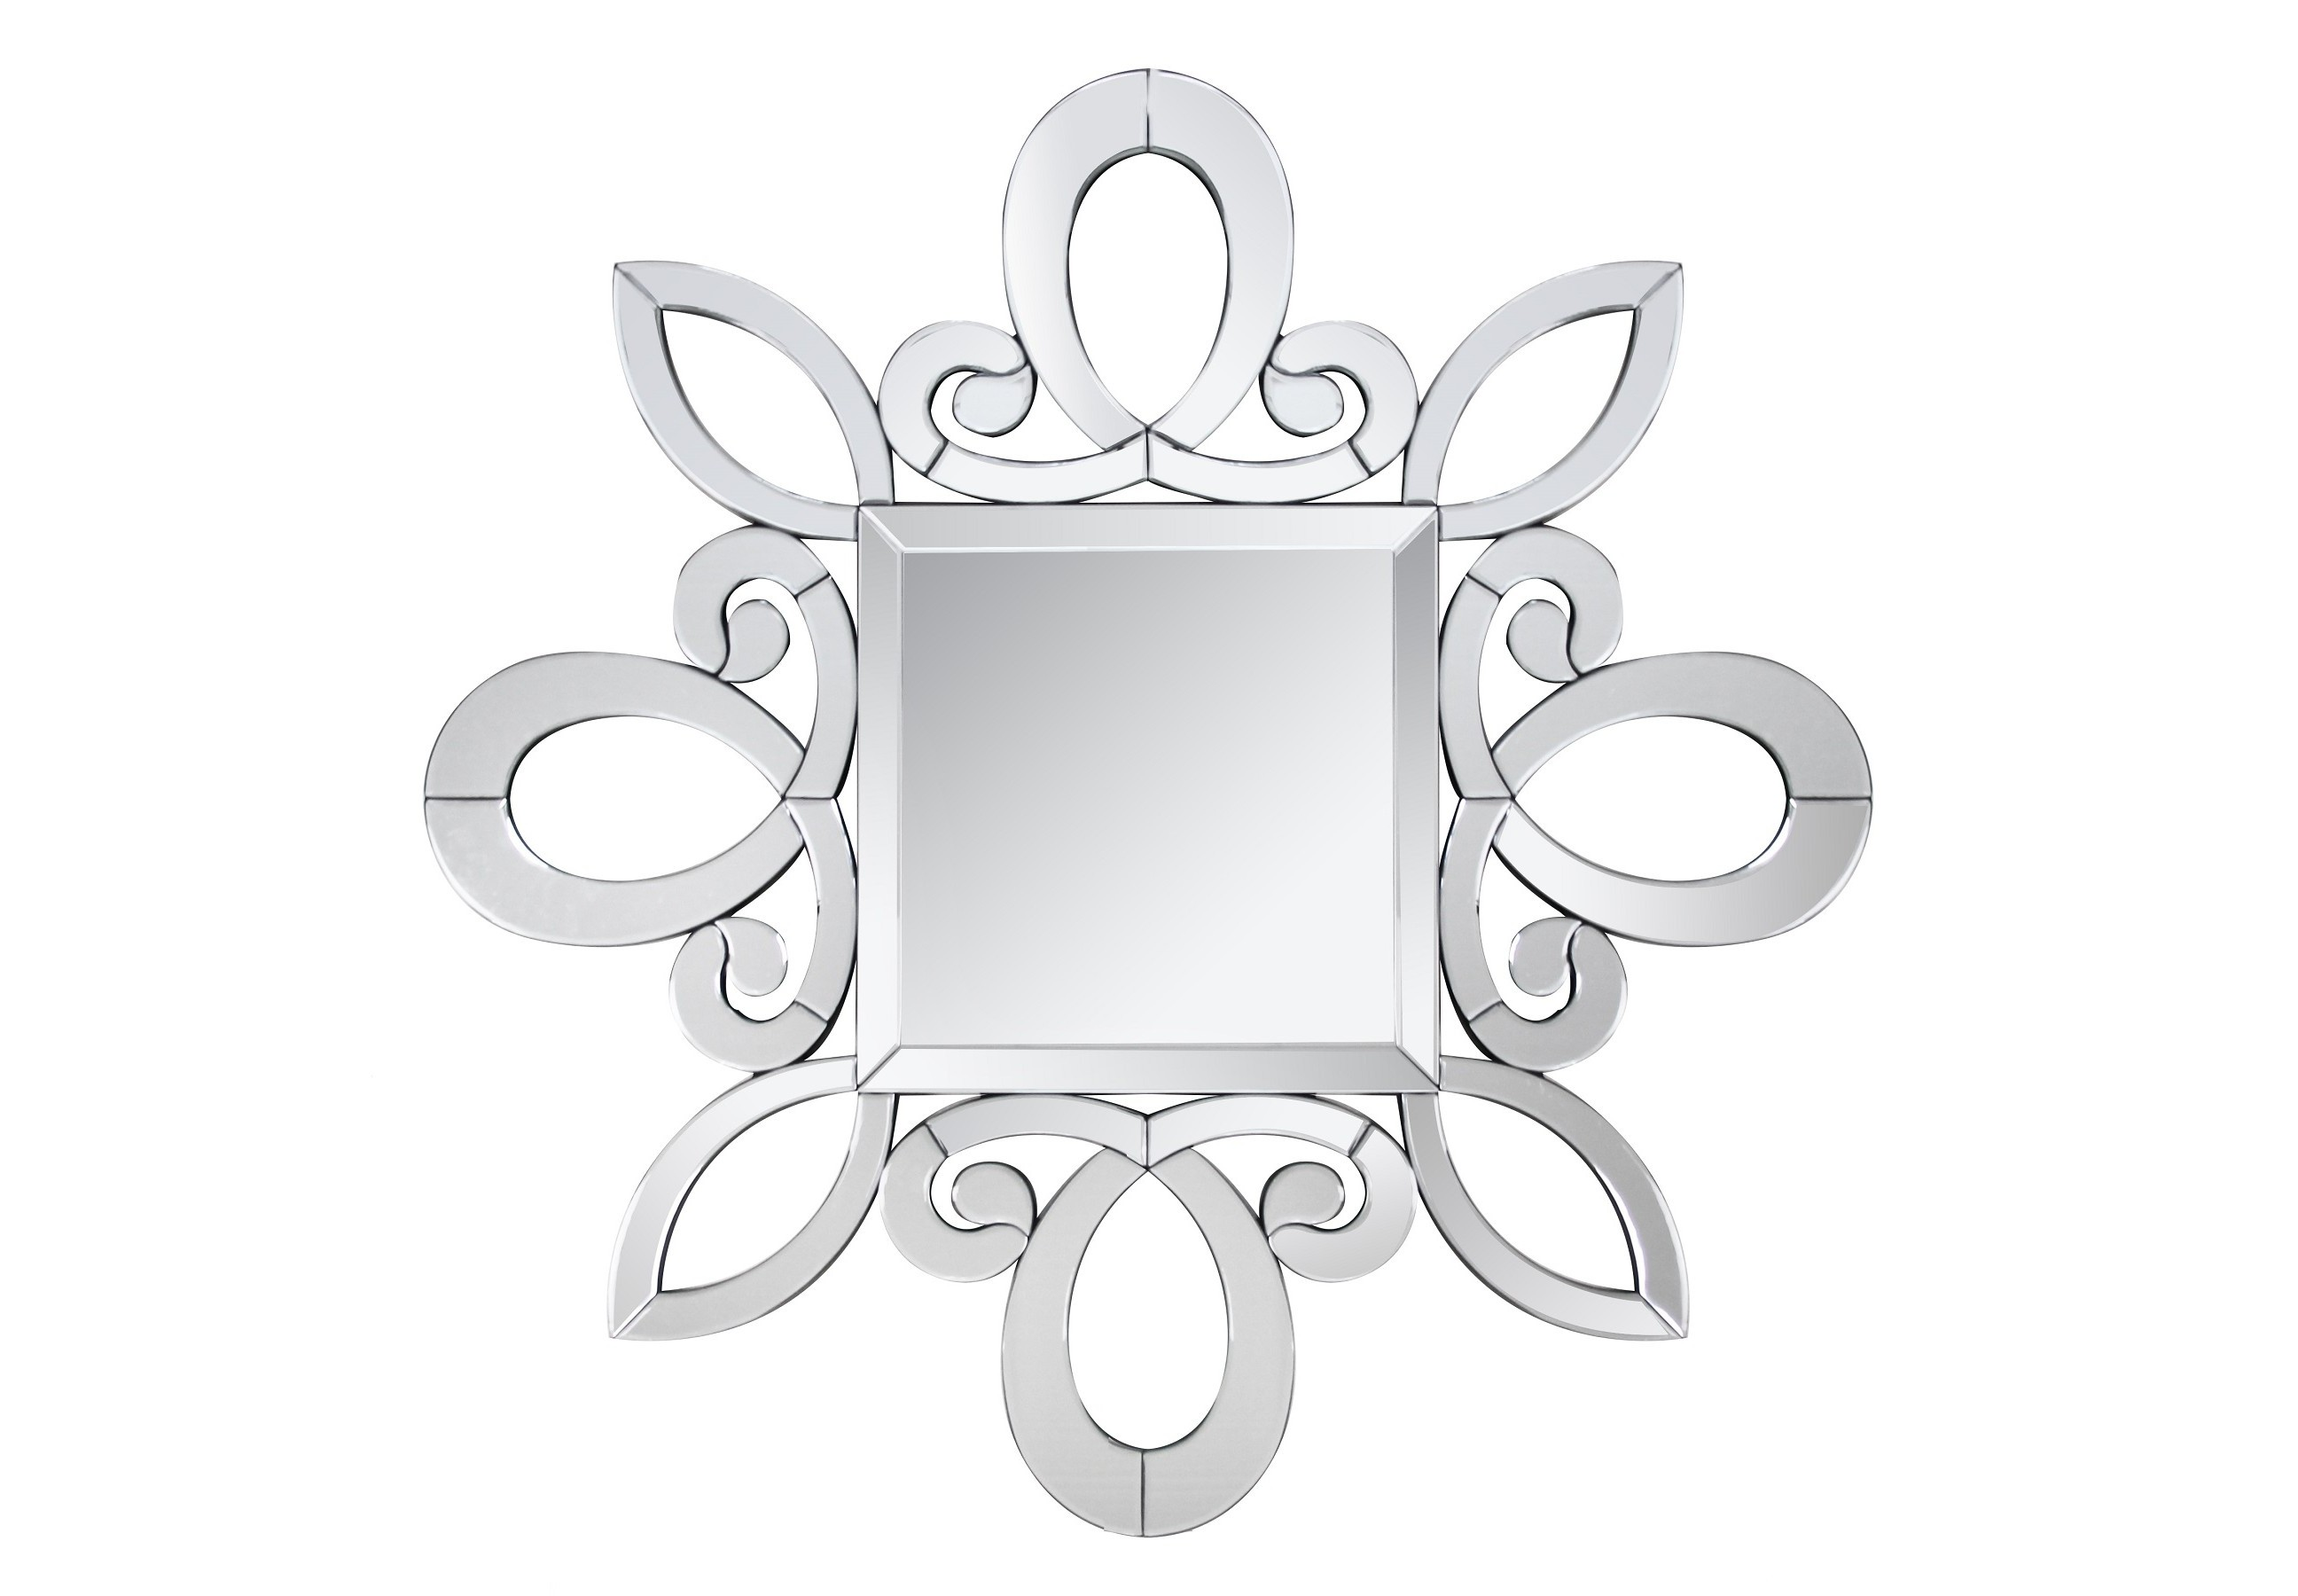 Зеркало FreddoНастенные зеркала<br><br><br>Material: МДФ<br>Length см: None<br>Width см: 100<br>Depth см: 1,9<br>Height см: 100